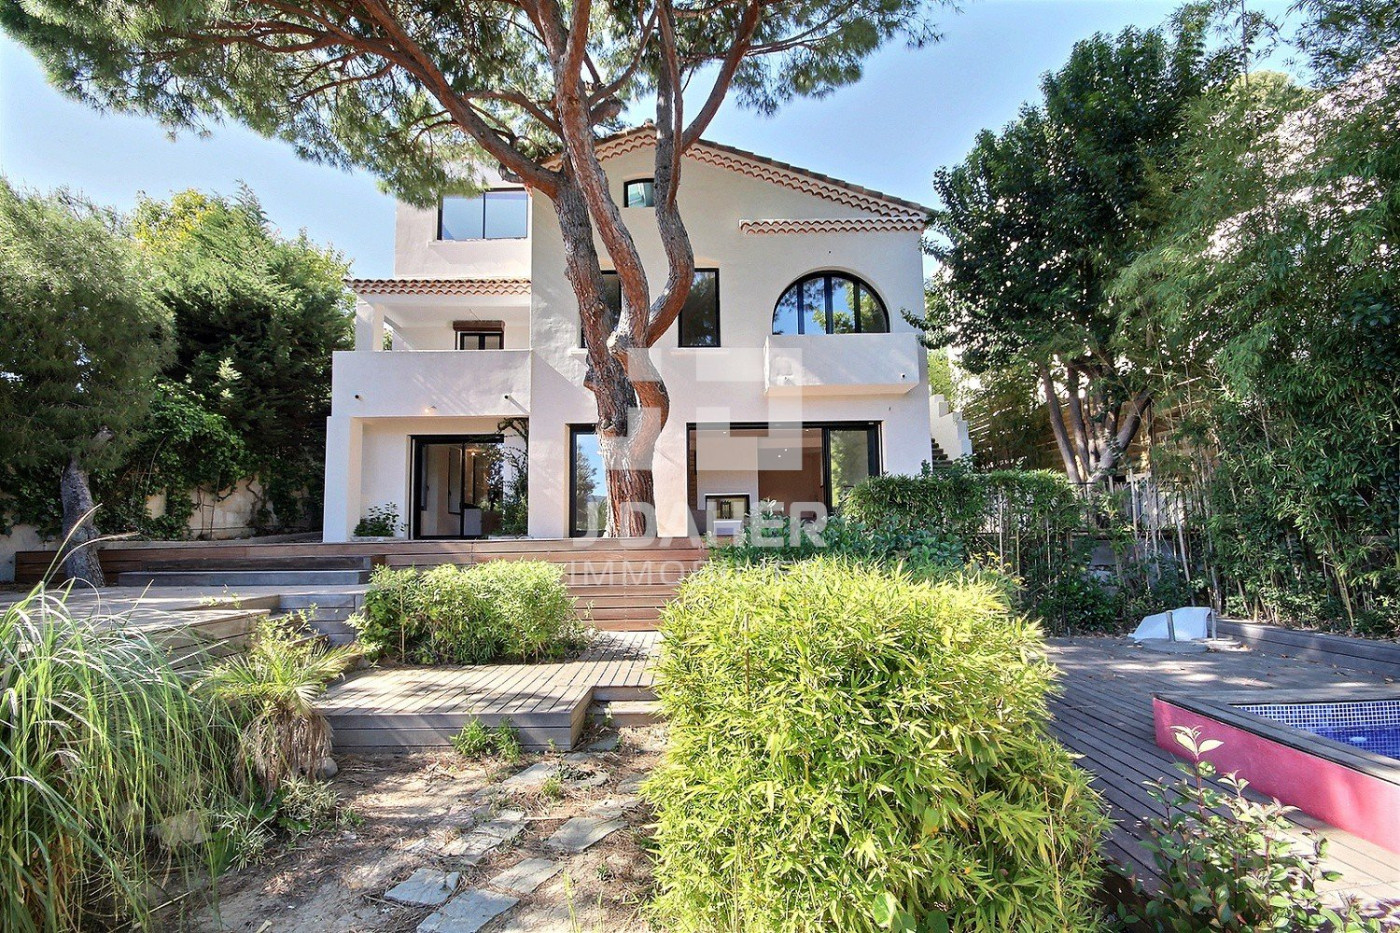 Vente maison Marseille 100eme arrondissement, 21000m² 100m² 100 pièces 10